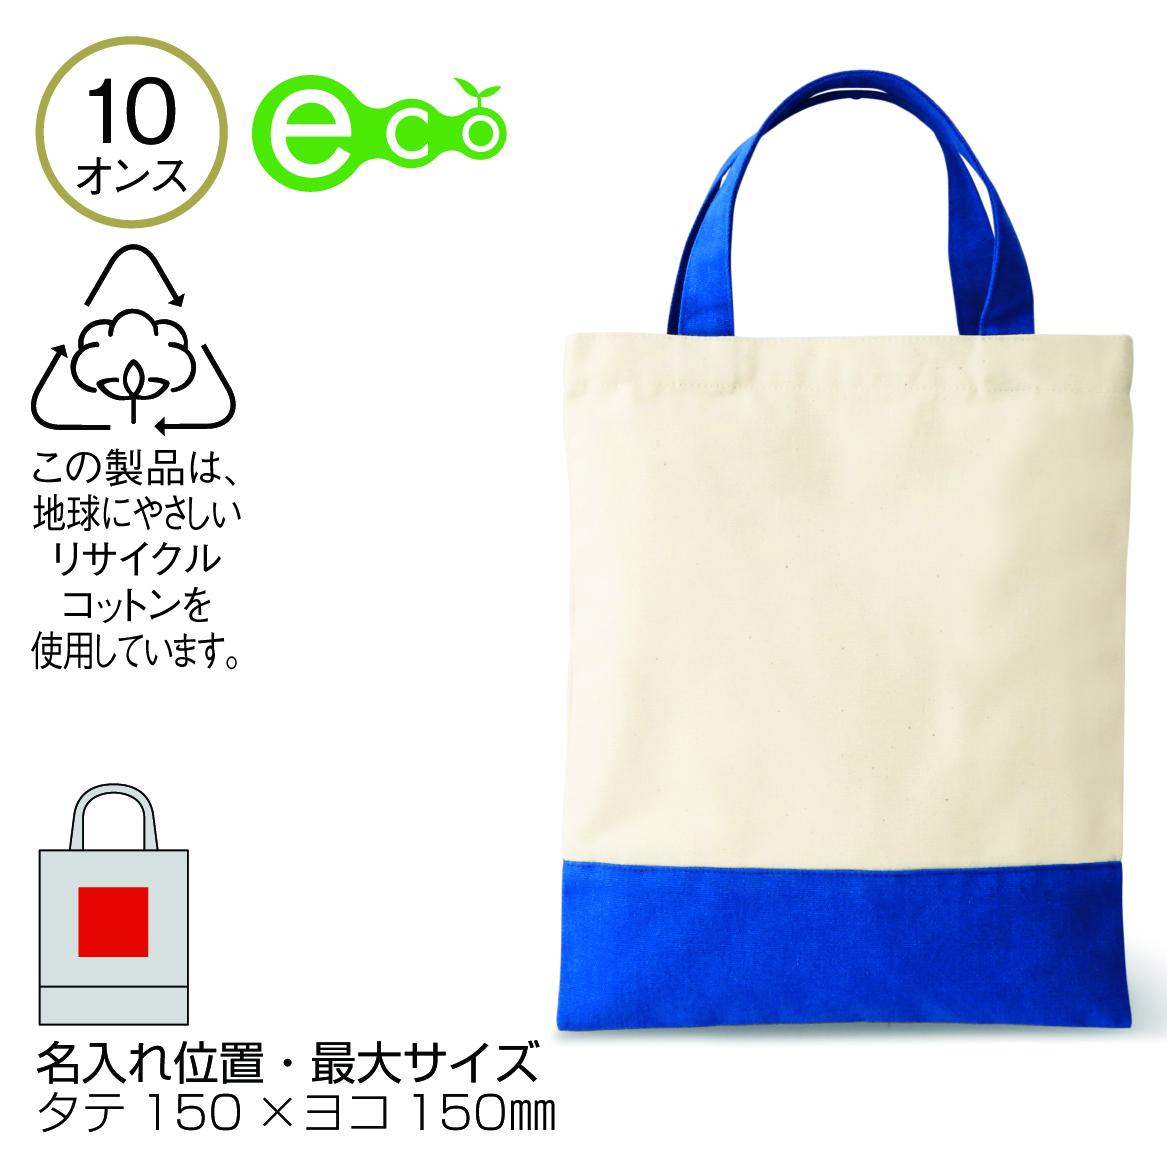 セルトナ・リサイクルコットンA4トート(ブルー)